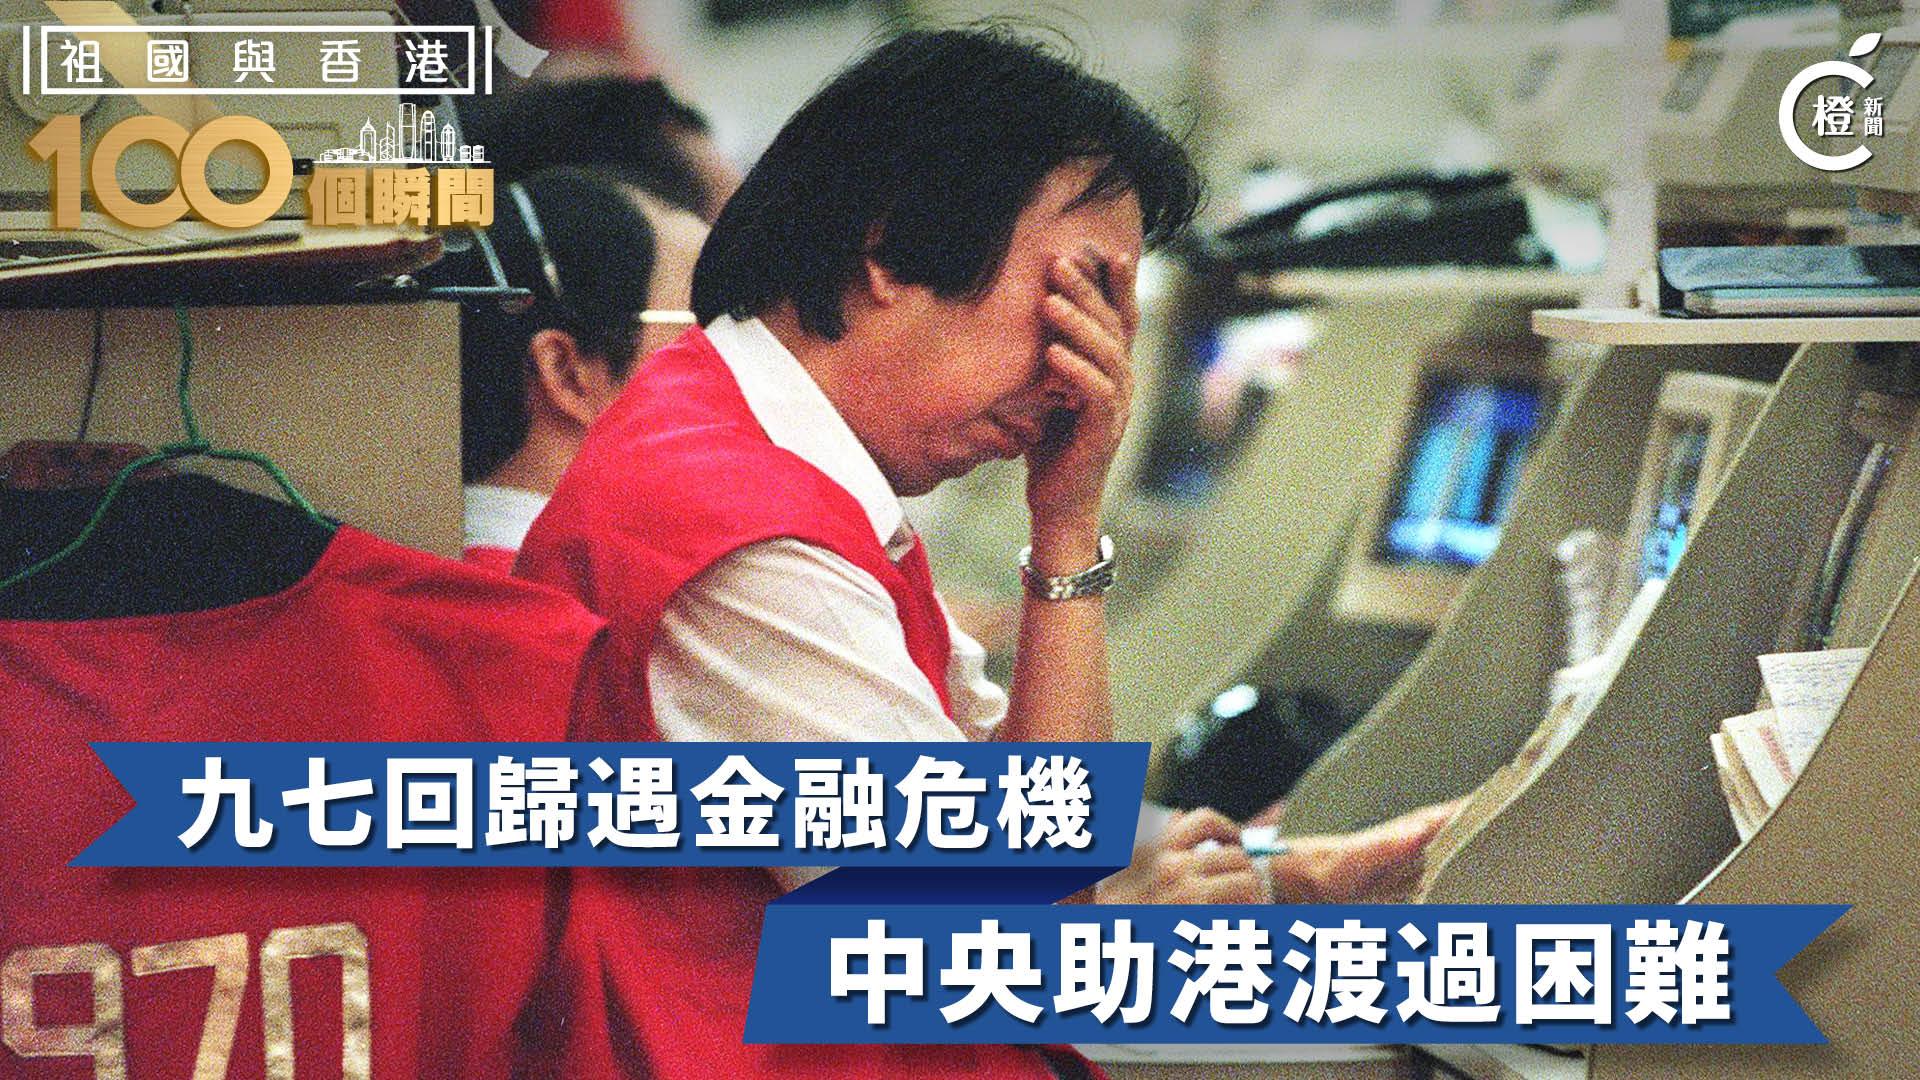 【祖國與香港100個瞬間】回歸後遭遇金融危機 中央助港渡過困難